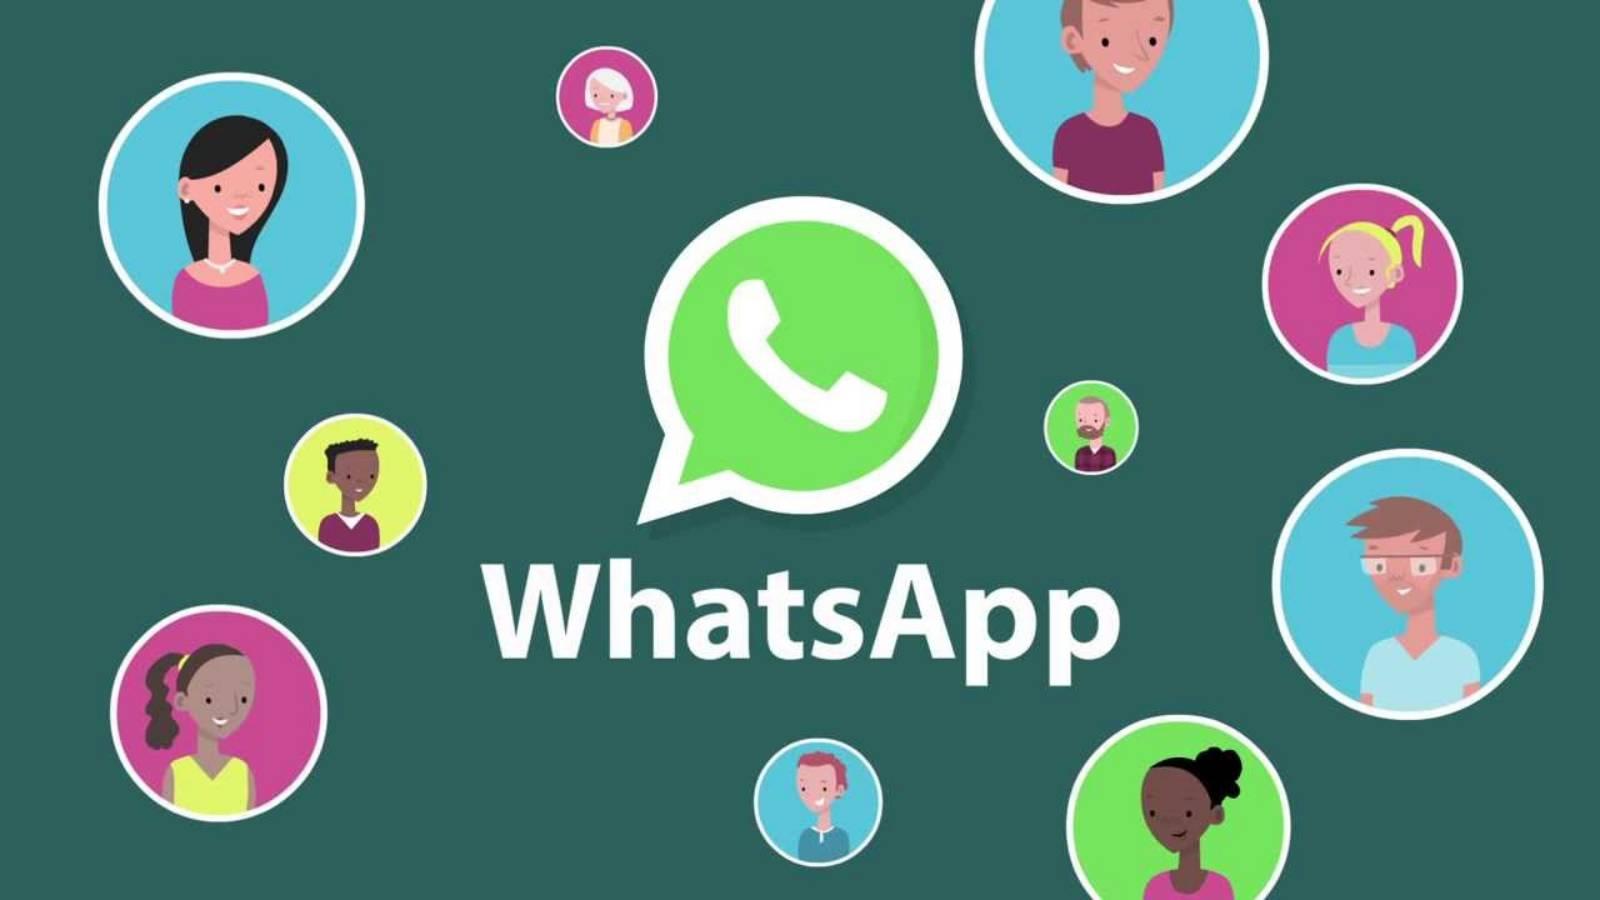 WhatsApp iphone dark mode